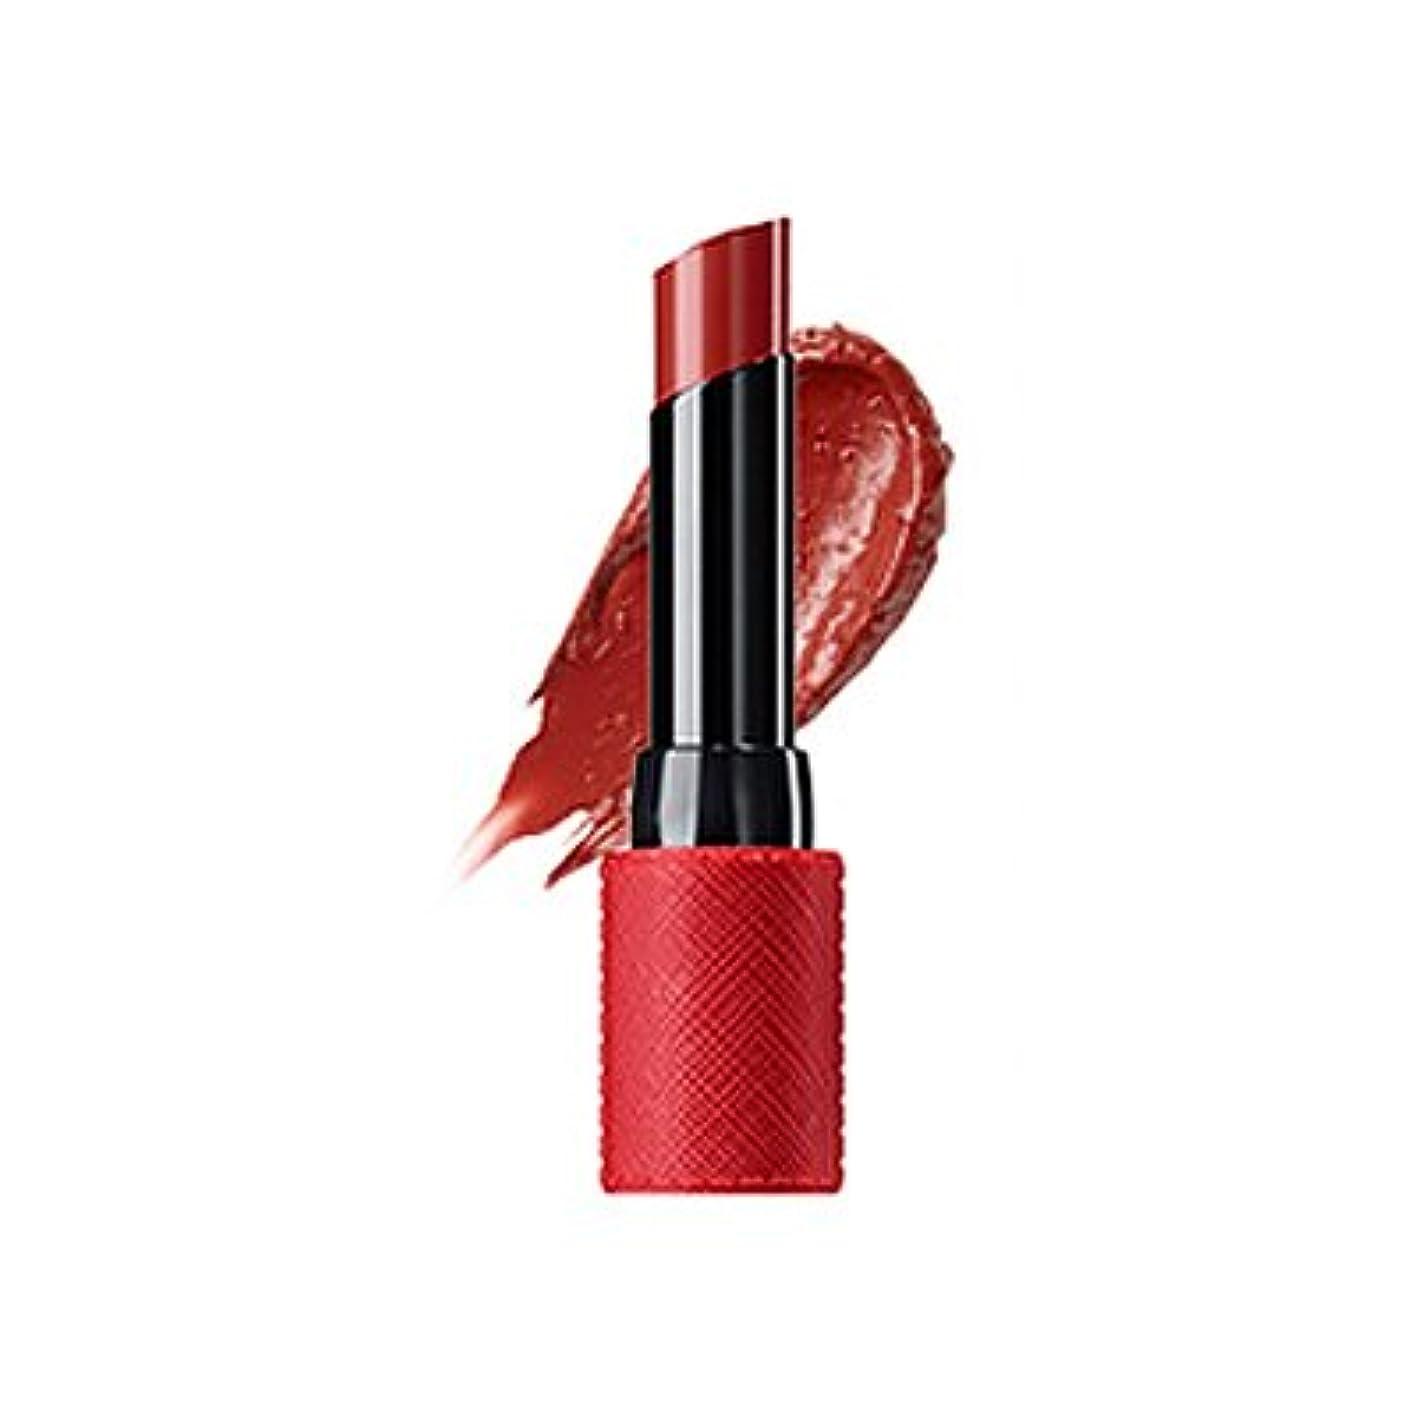 からに変化するバリア南西【The Saem】ザセム キスホリック リップスティック S レッドブリック/Kissholic Lipstick S Red Brick / RD06